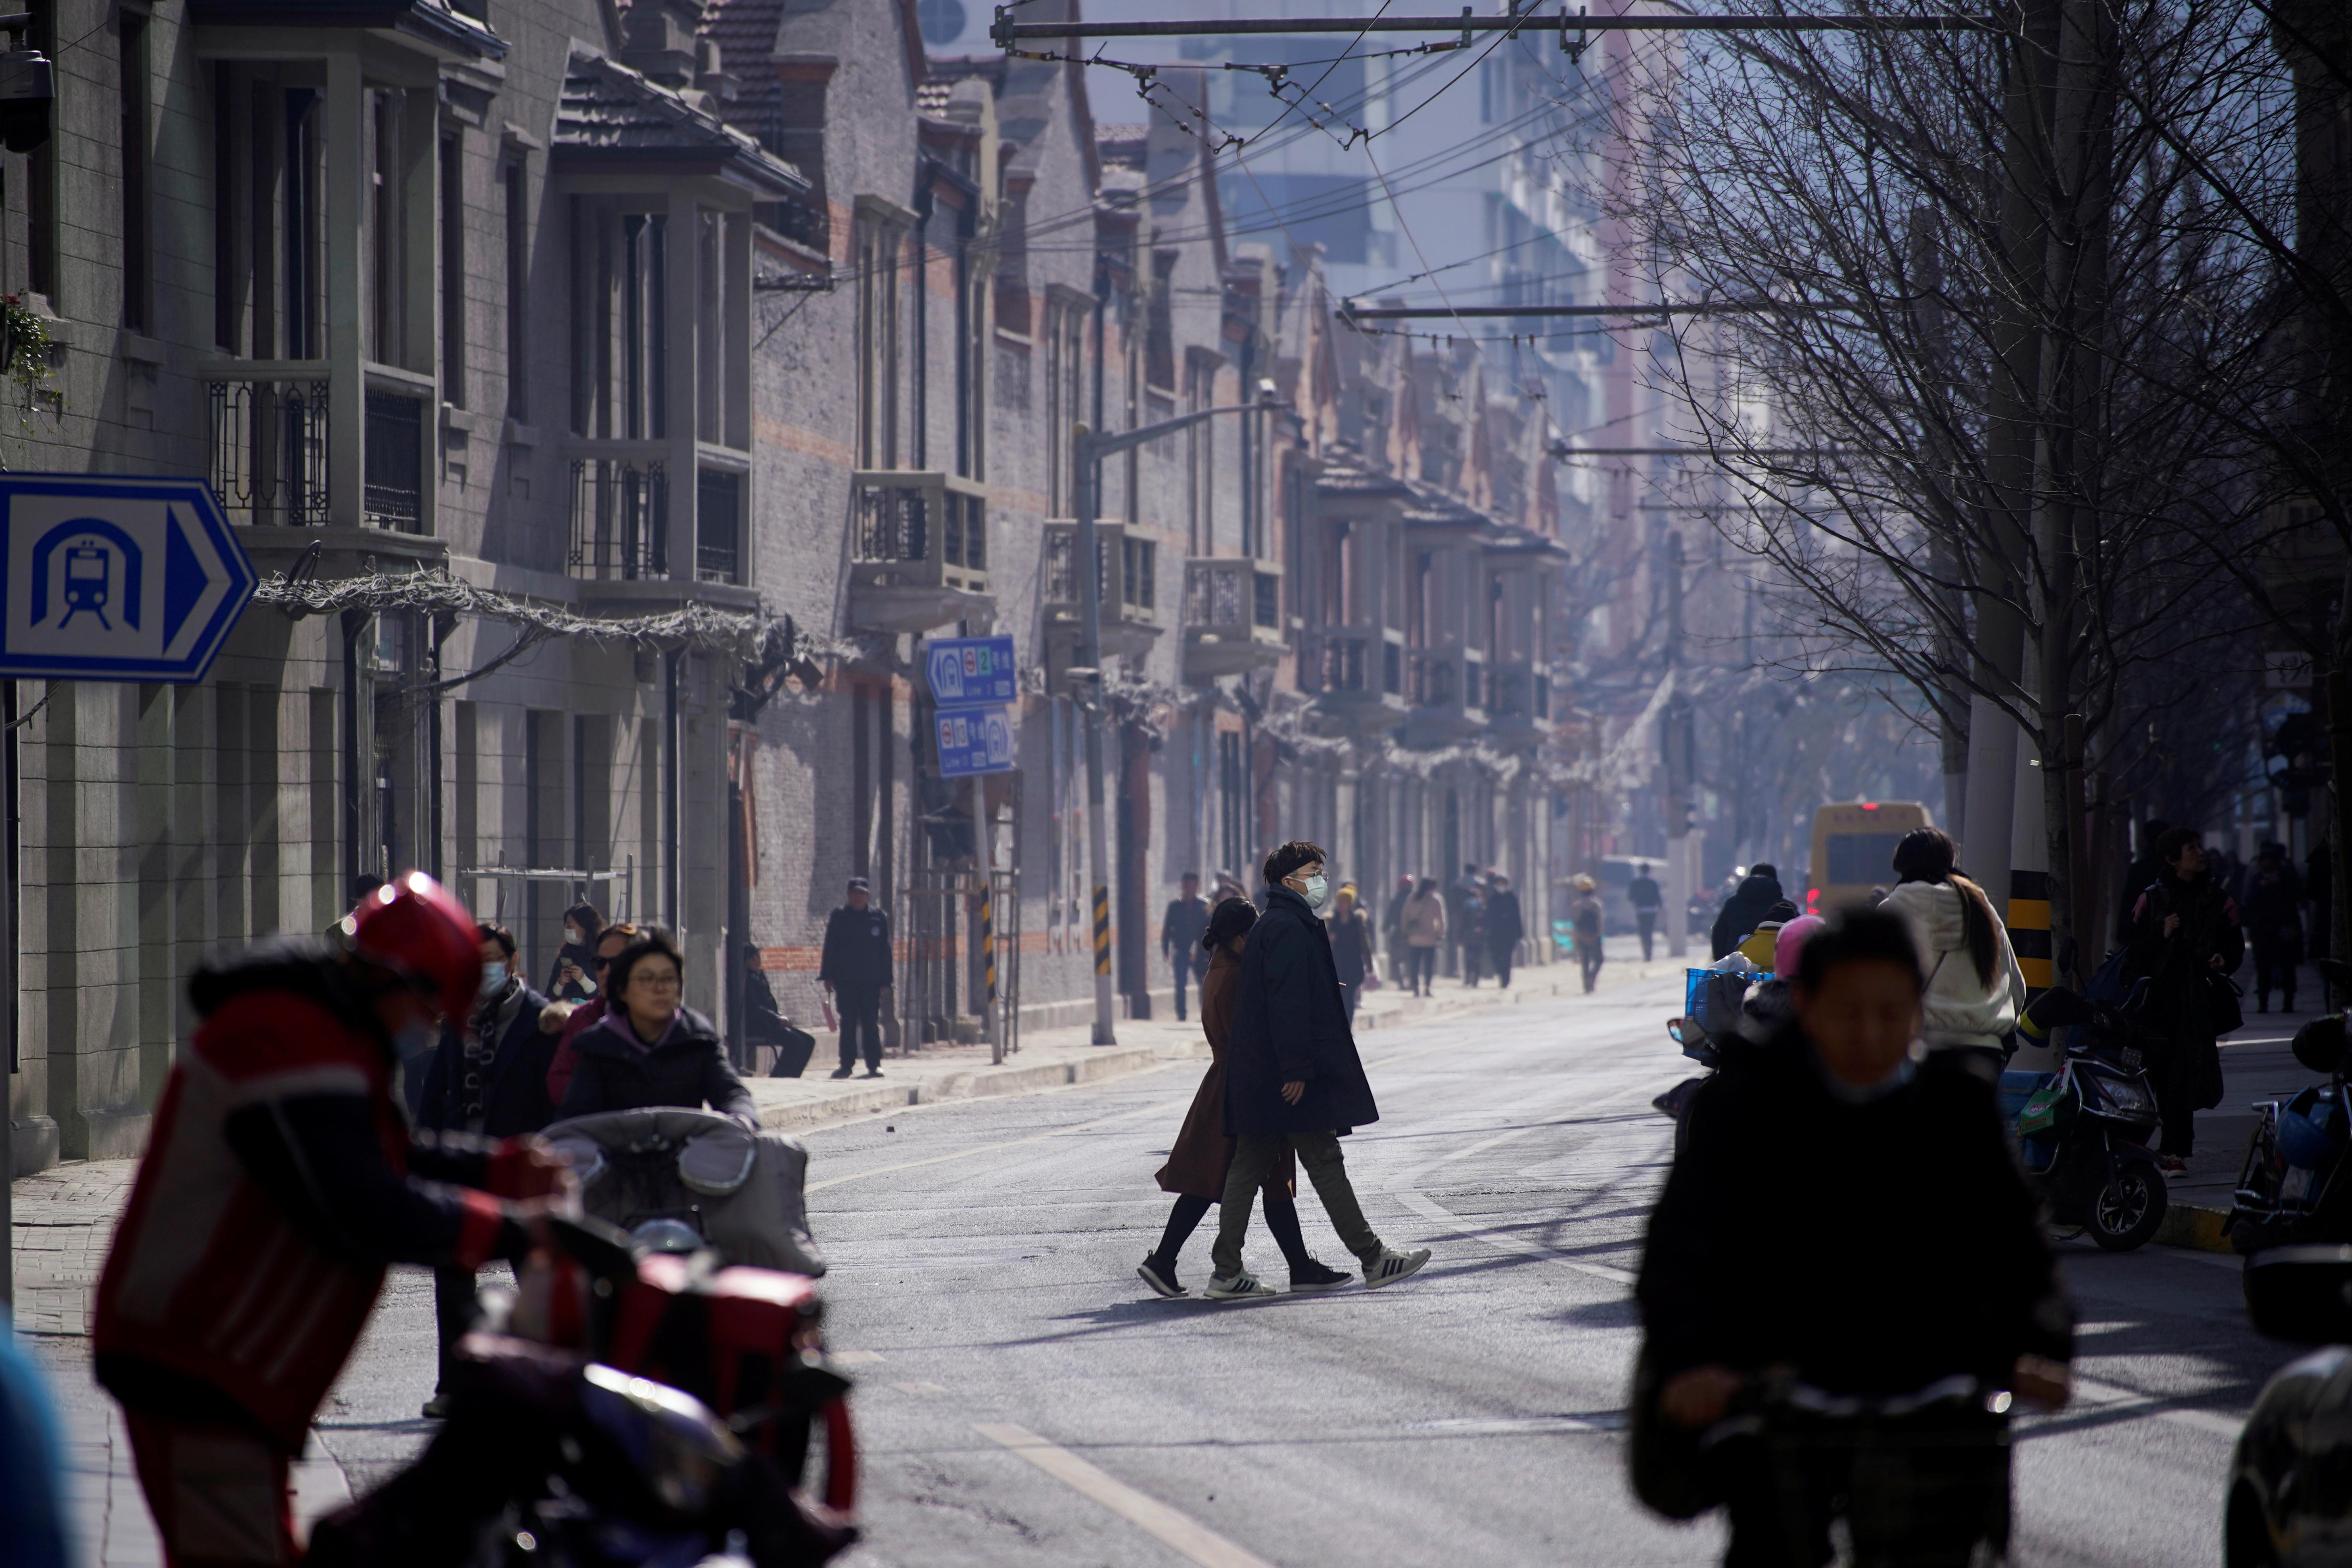 中国本土疫情持续,除了河北,黑龙江的确诊也开始增加。图示上海周四的街景。-路透社-